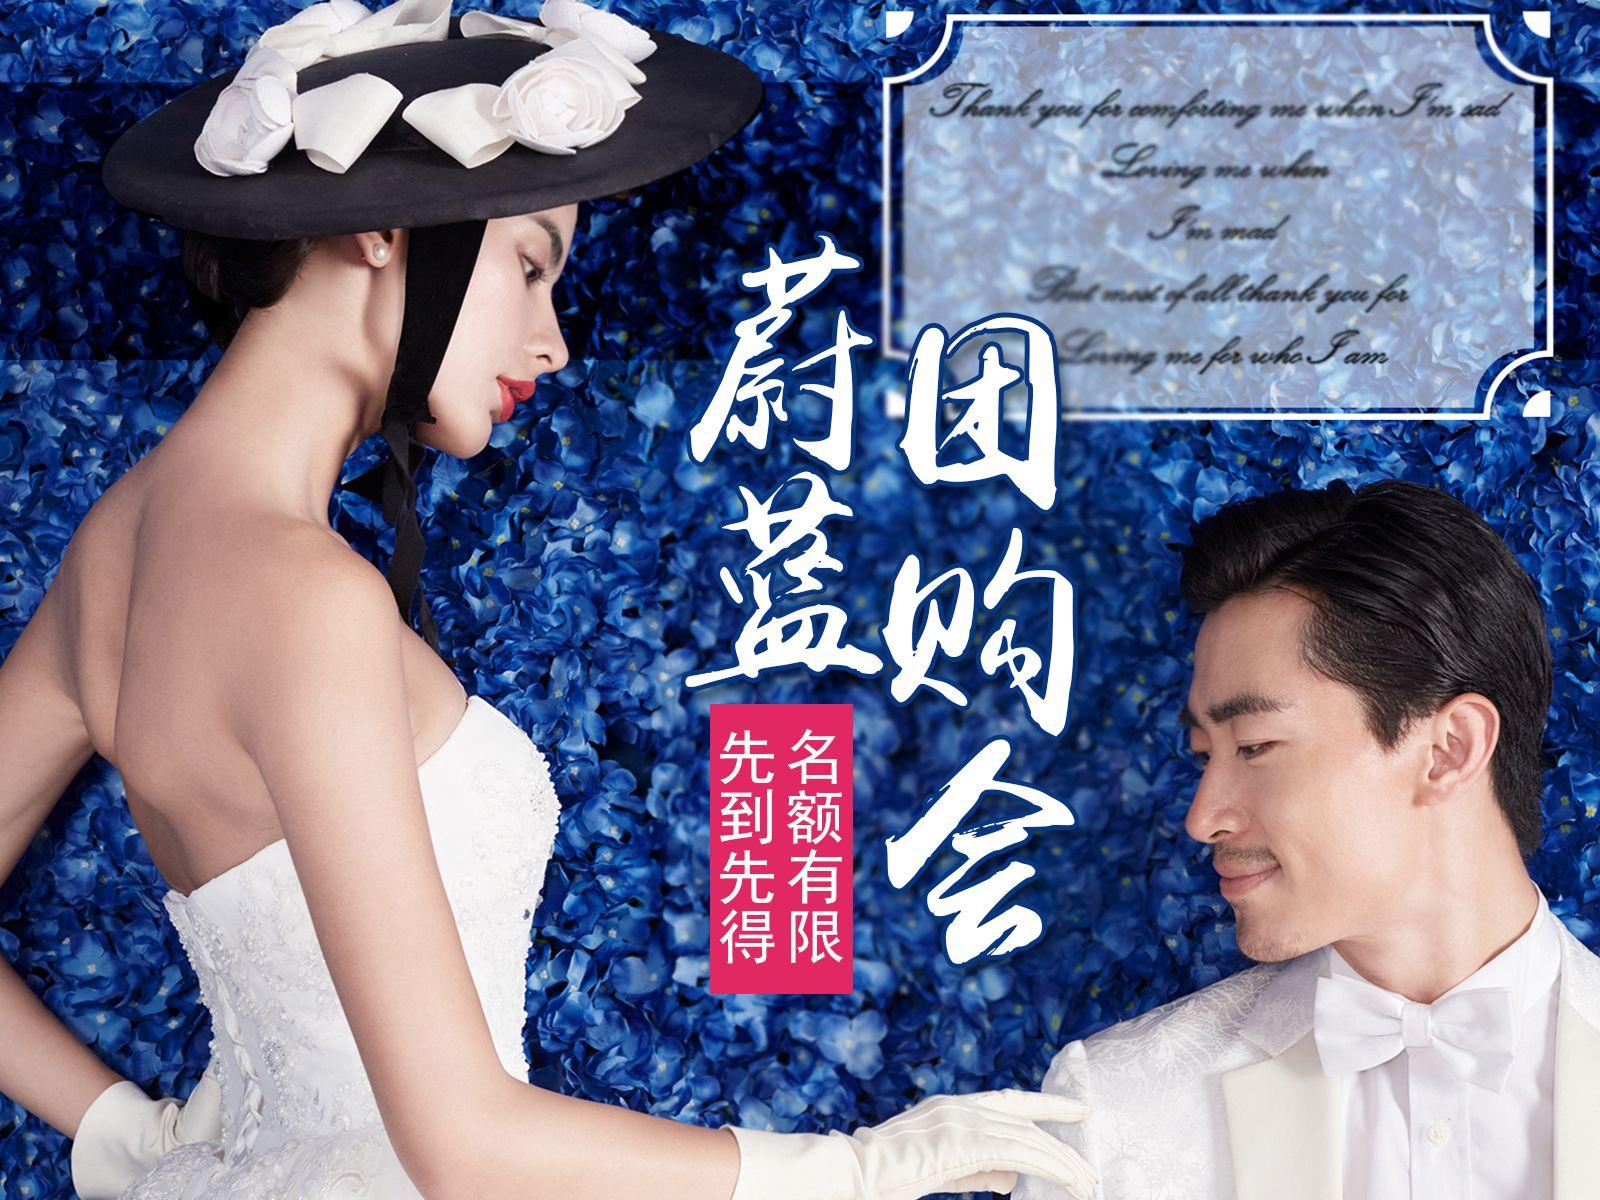 蔚蓝海岸婚纱摄影(江桥店)